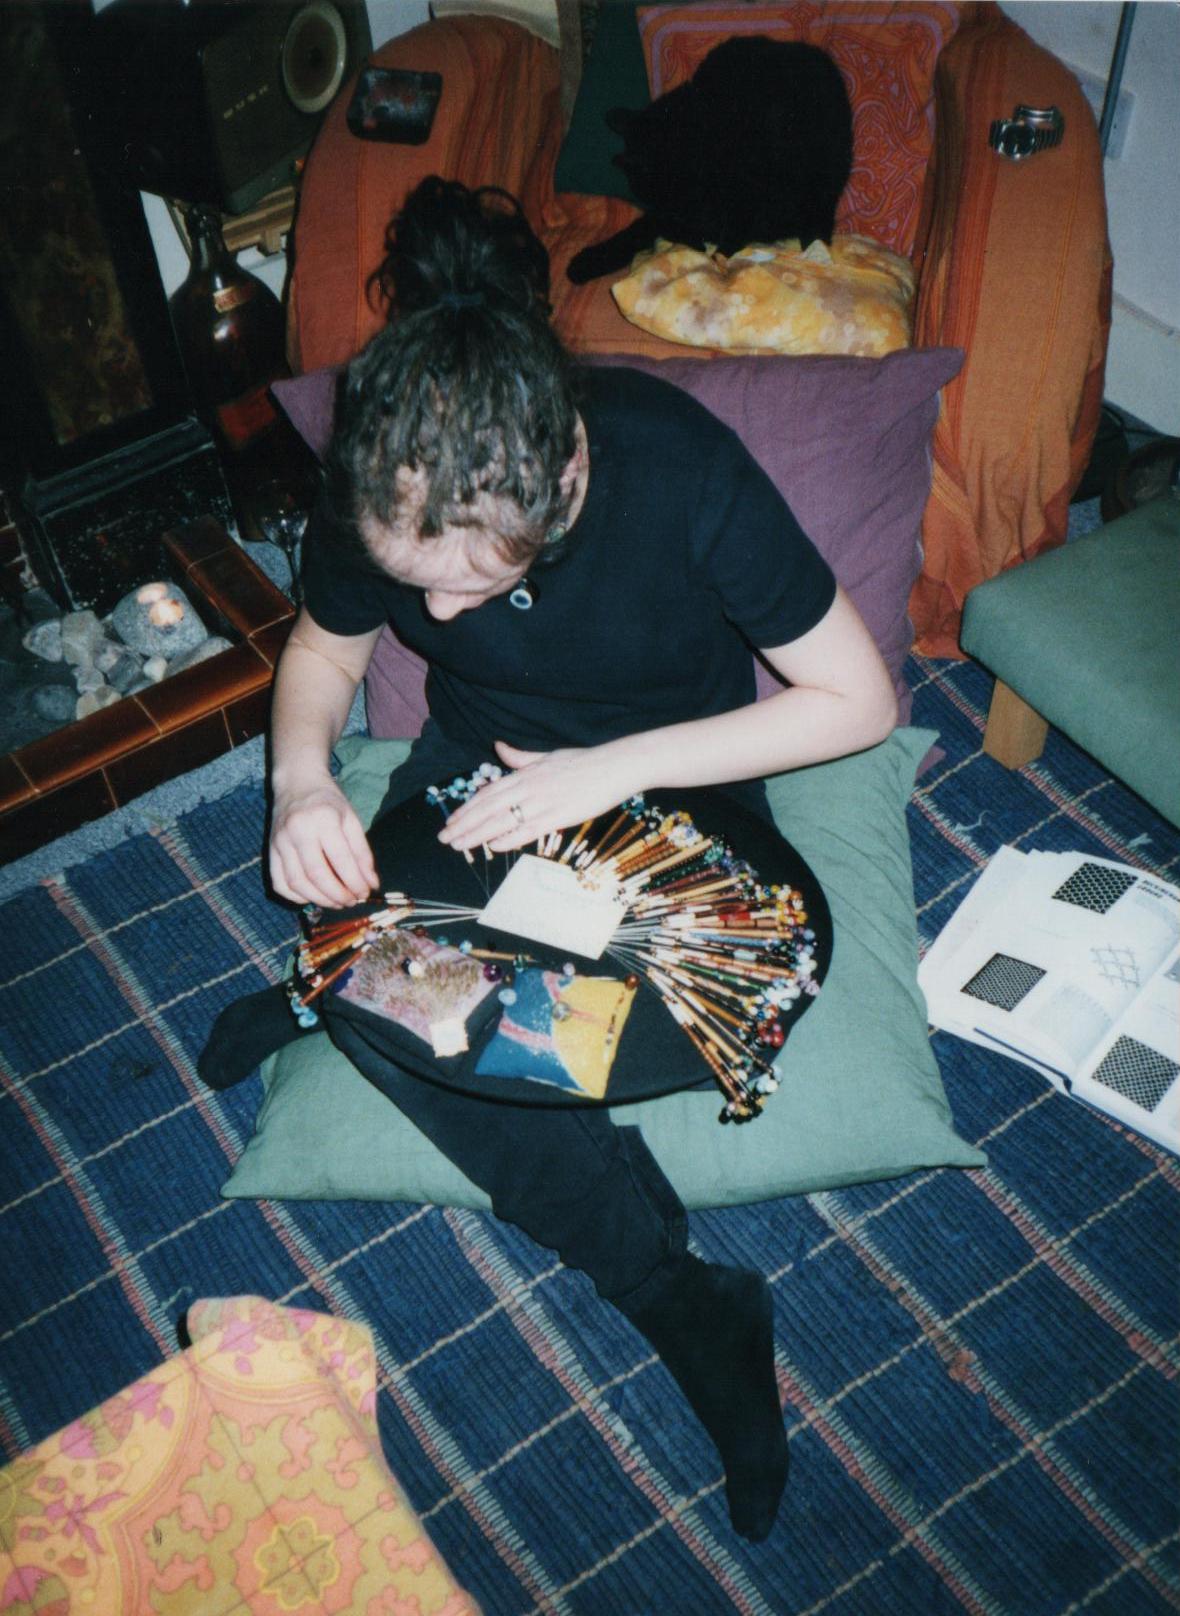 me, circa 1997/8? making torchon lace